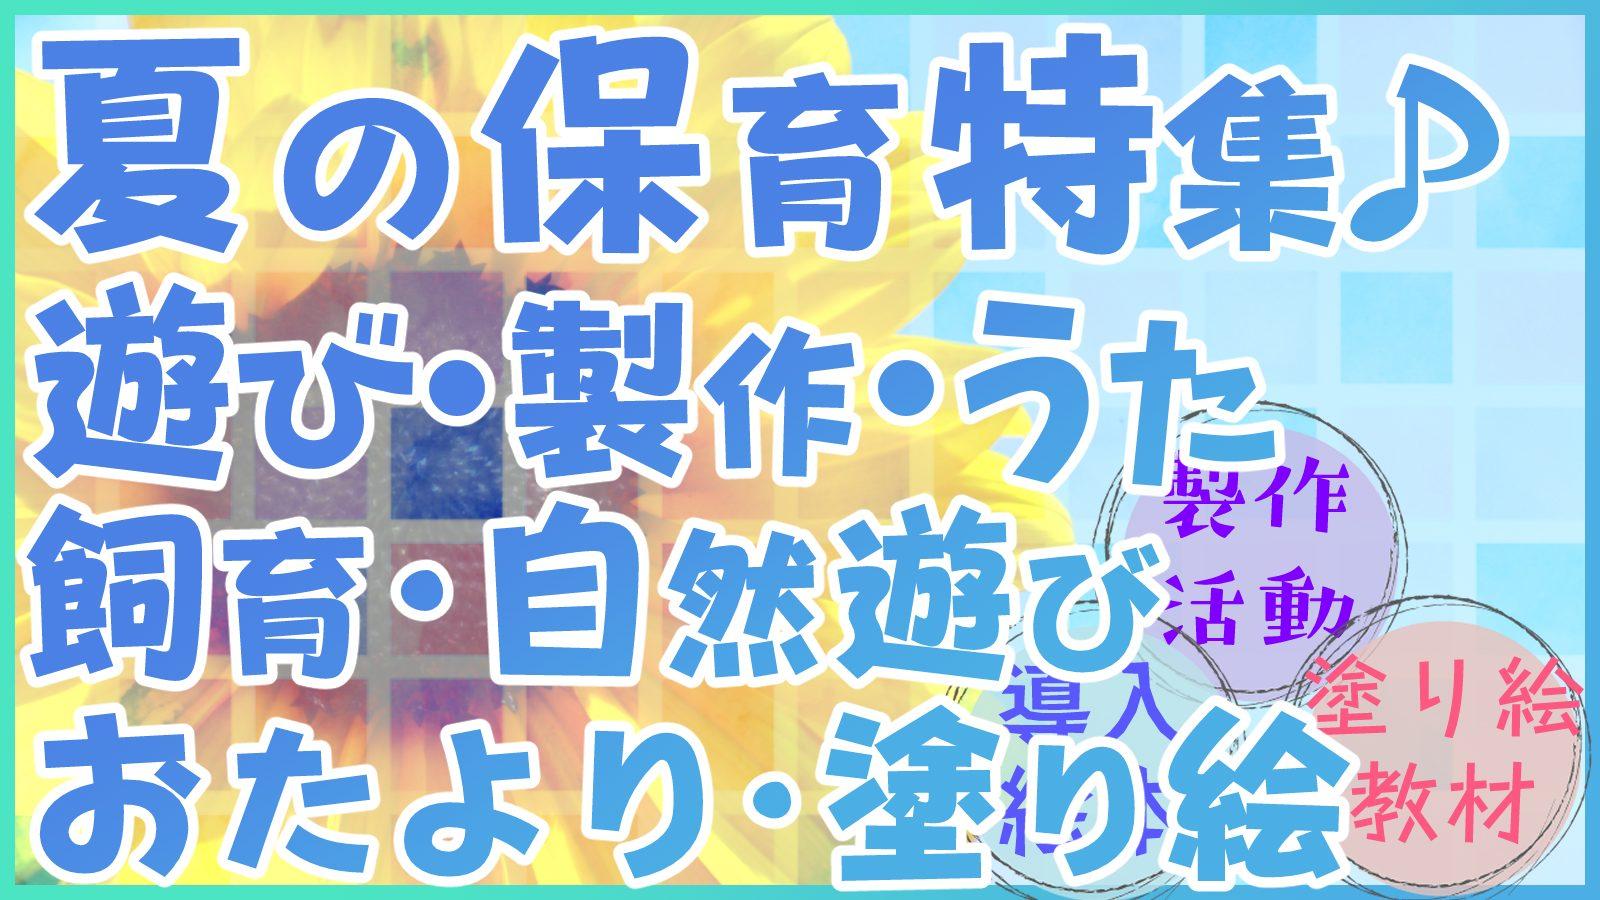 【保育園の夏の遊び】7月&8月に楽しめるアイデアまとめ!【遊び・製作・絵本】